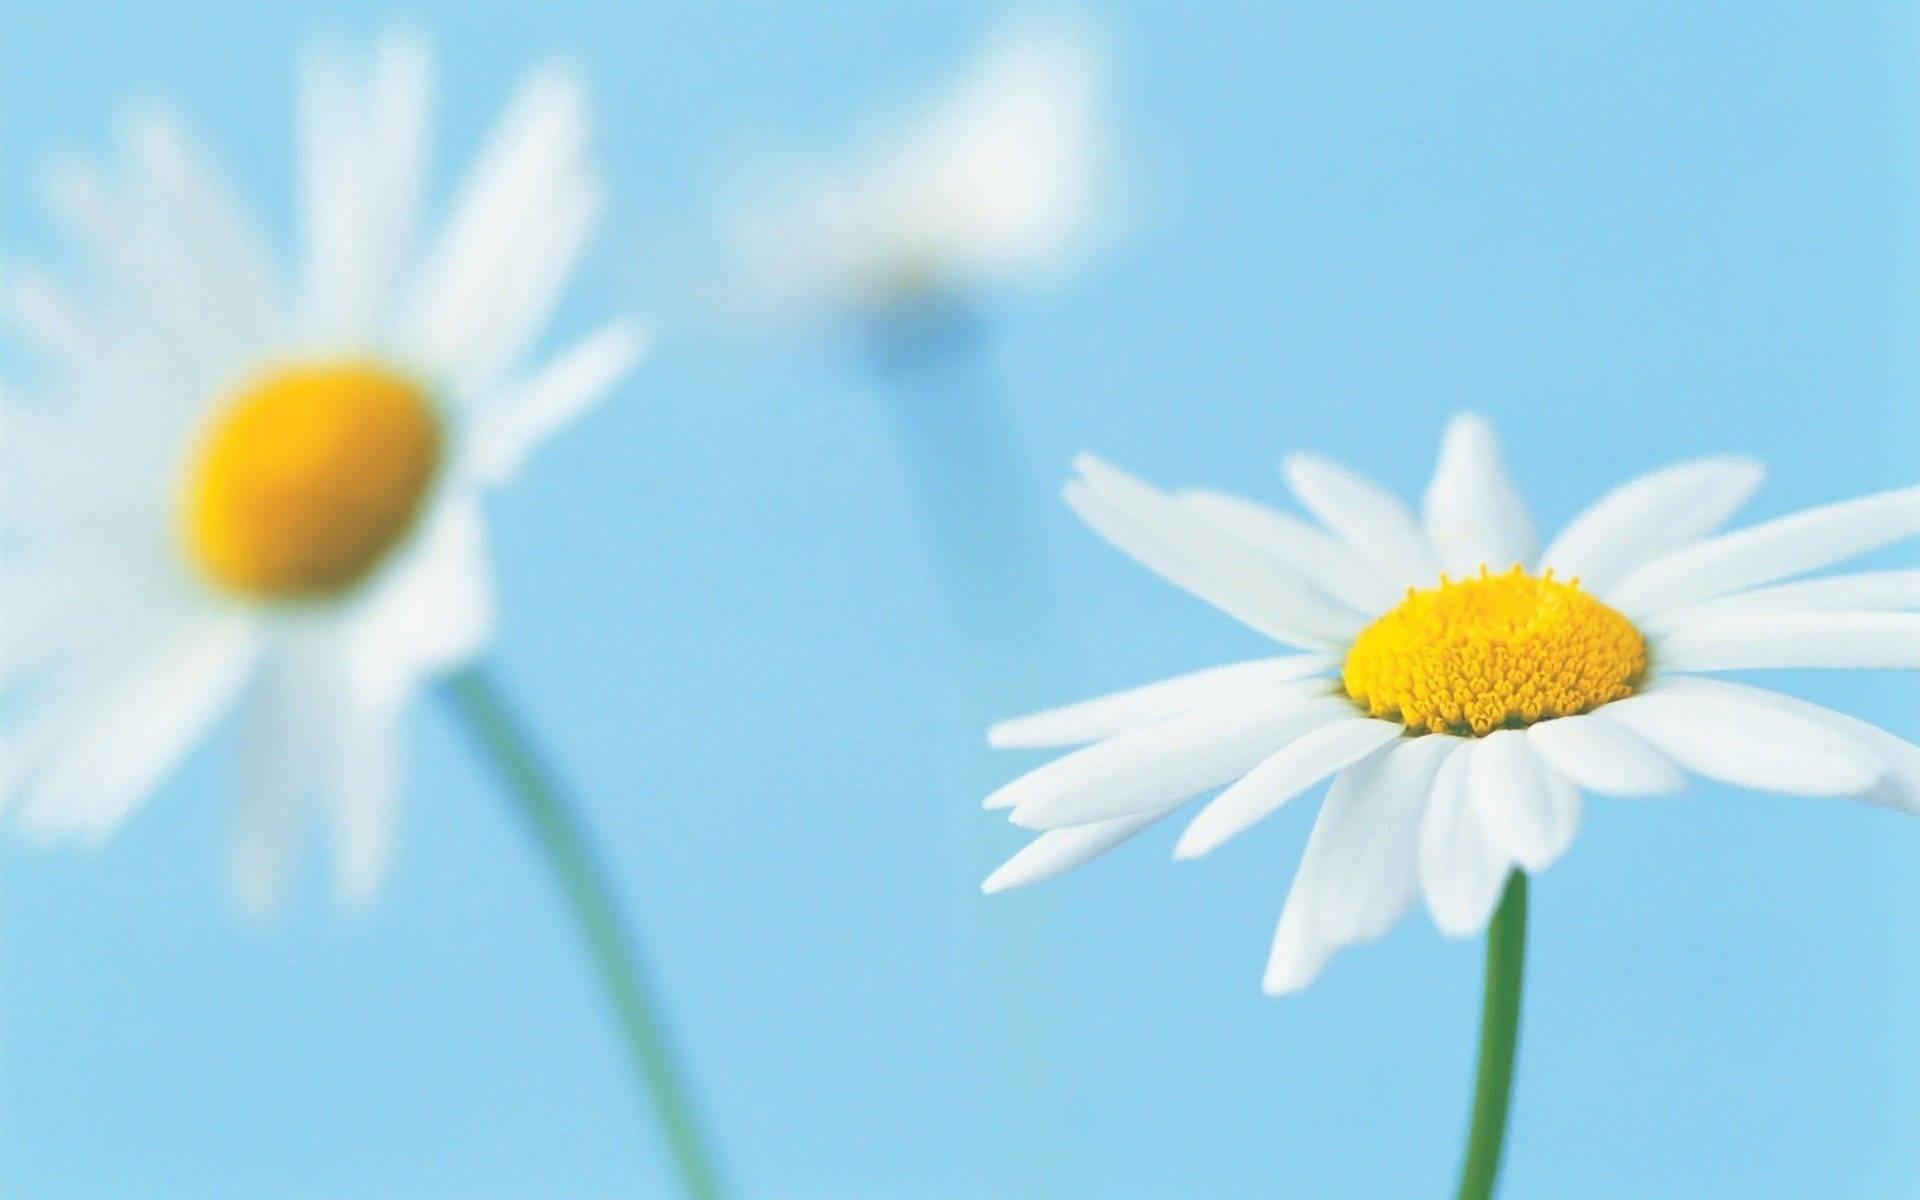 بالصور خلفيات زهور , خلفيات زهور للهواتف واجهزة الكمبيوتر 2903 6